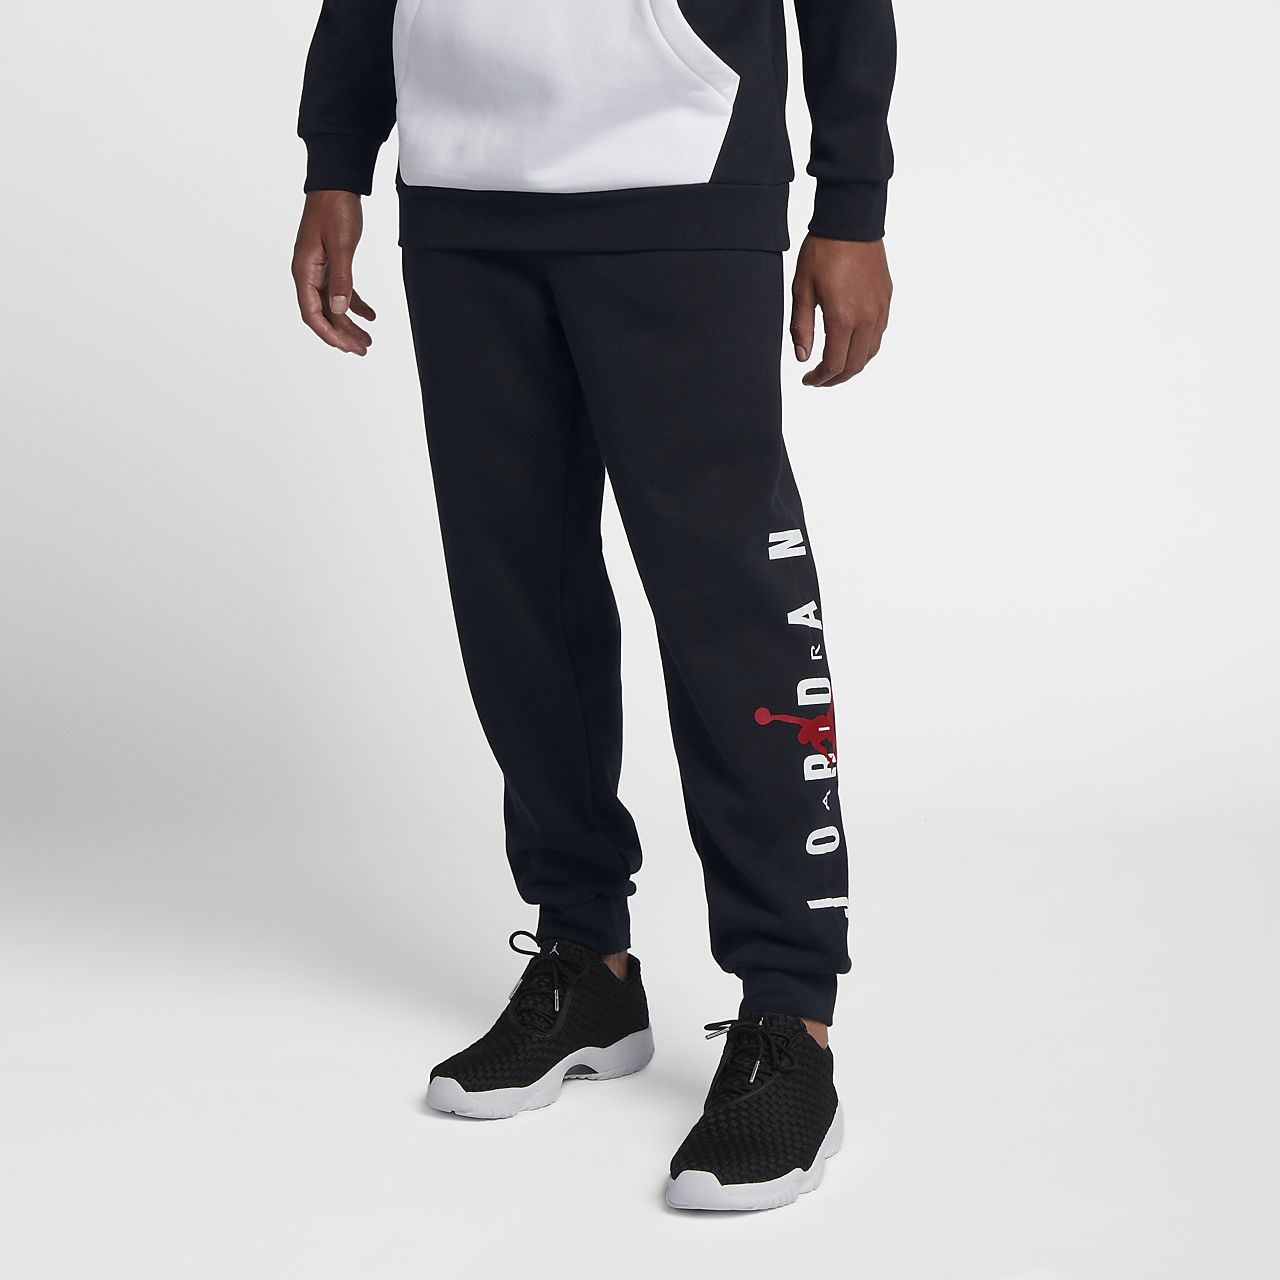 pantaloni tuta uomo jordan